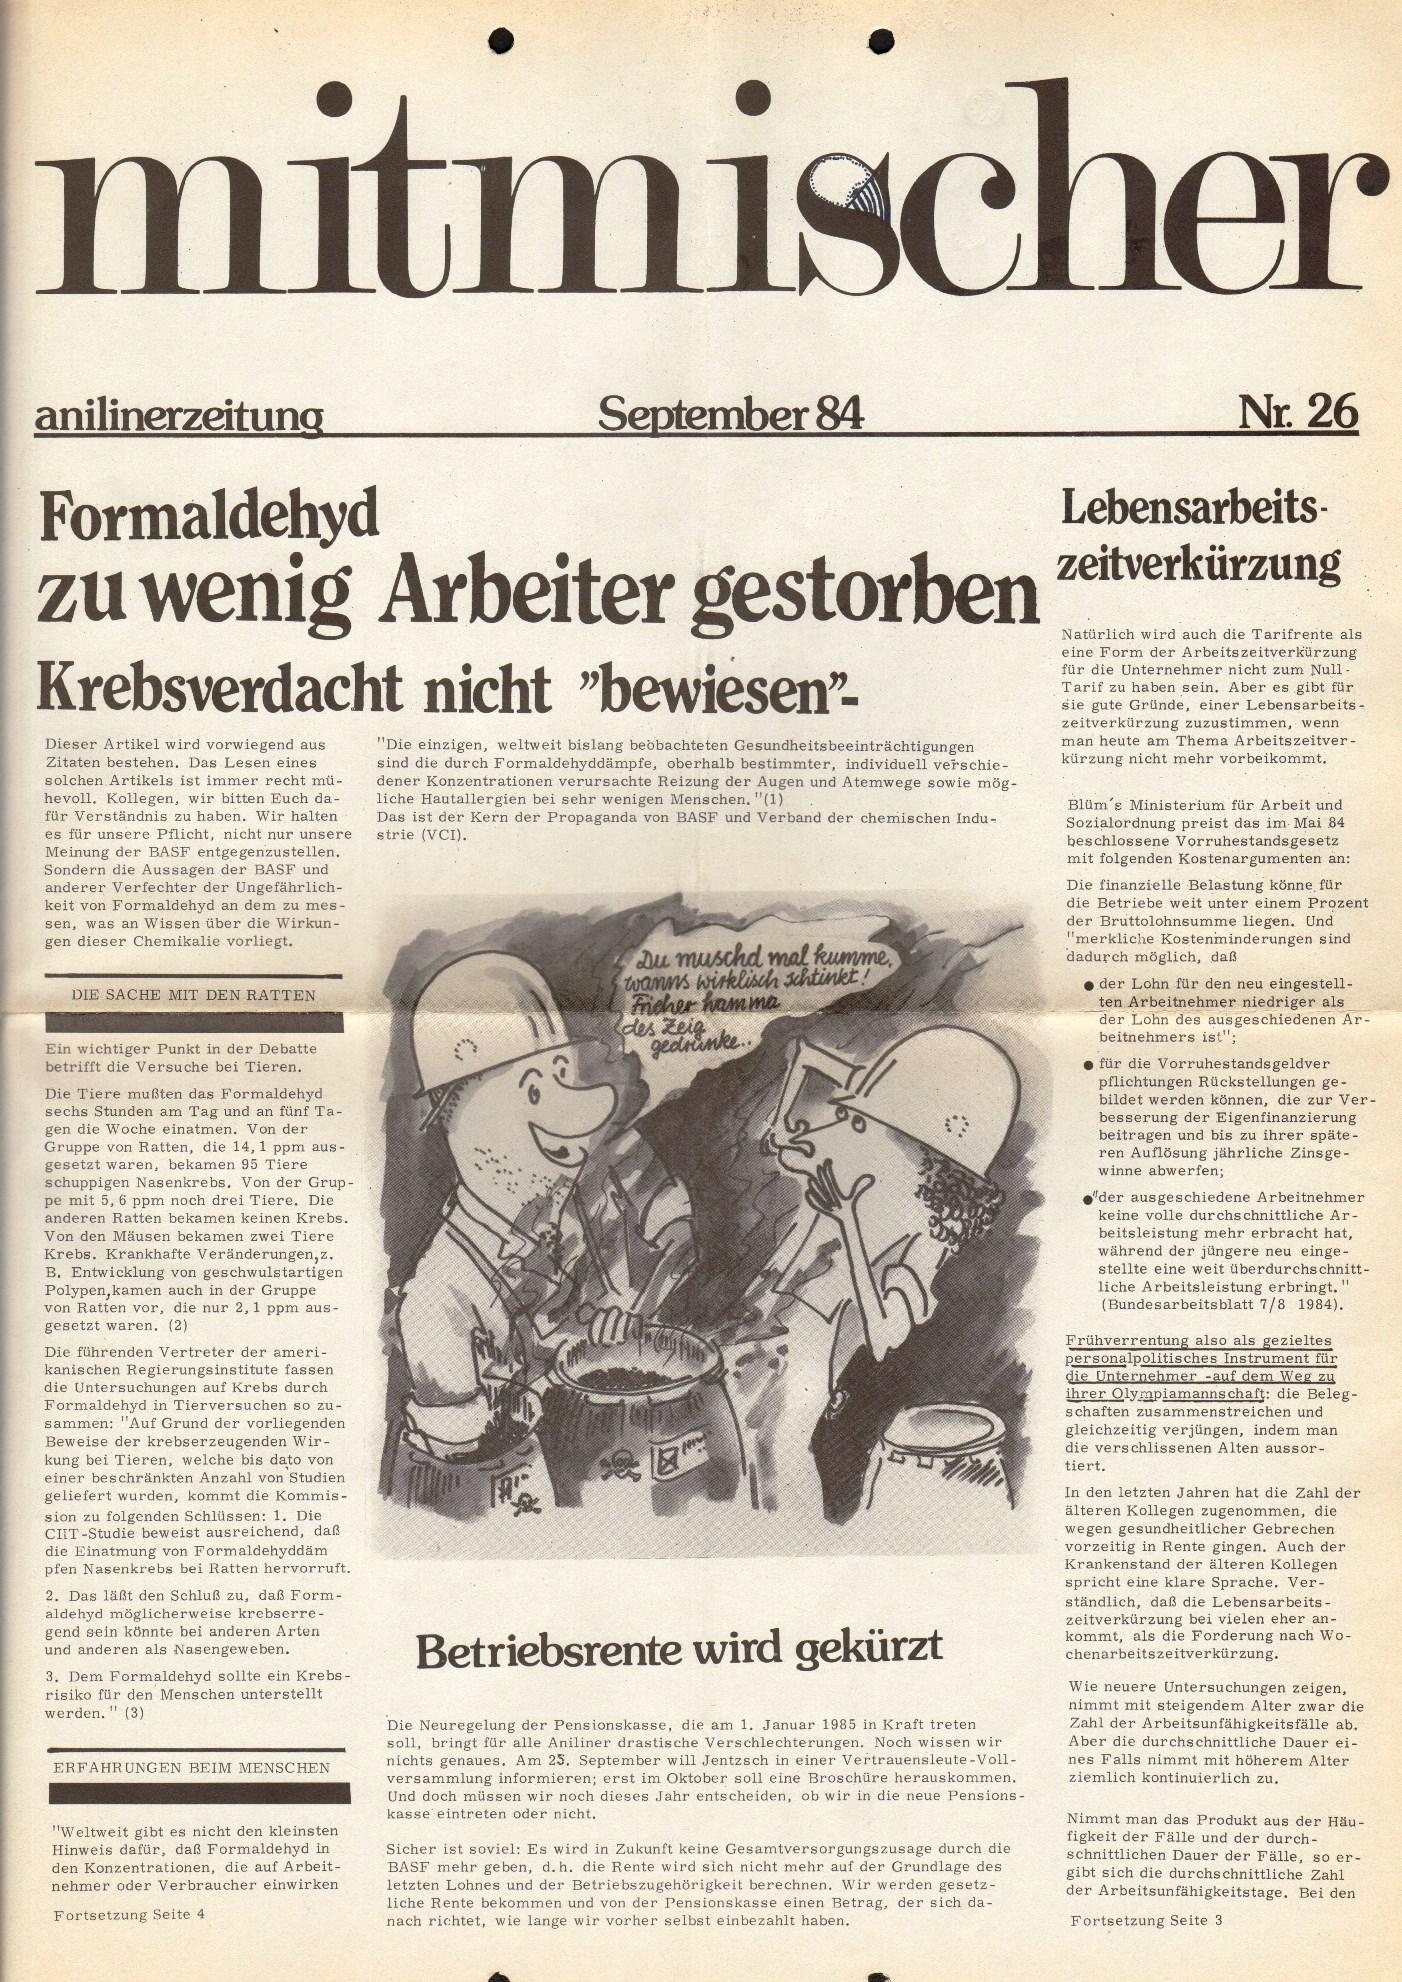 Ludwigshafen_Mitmischer_1984_26_01